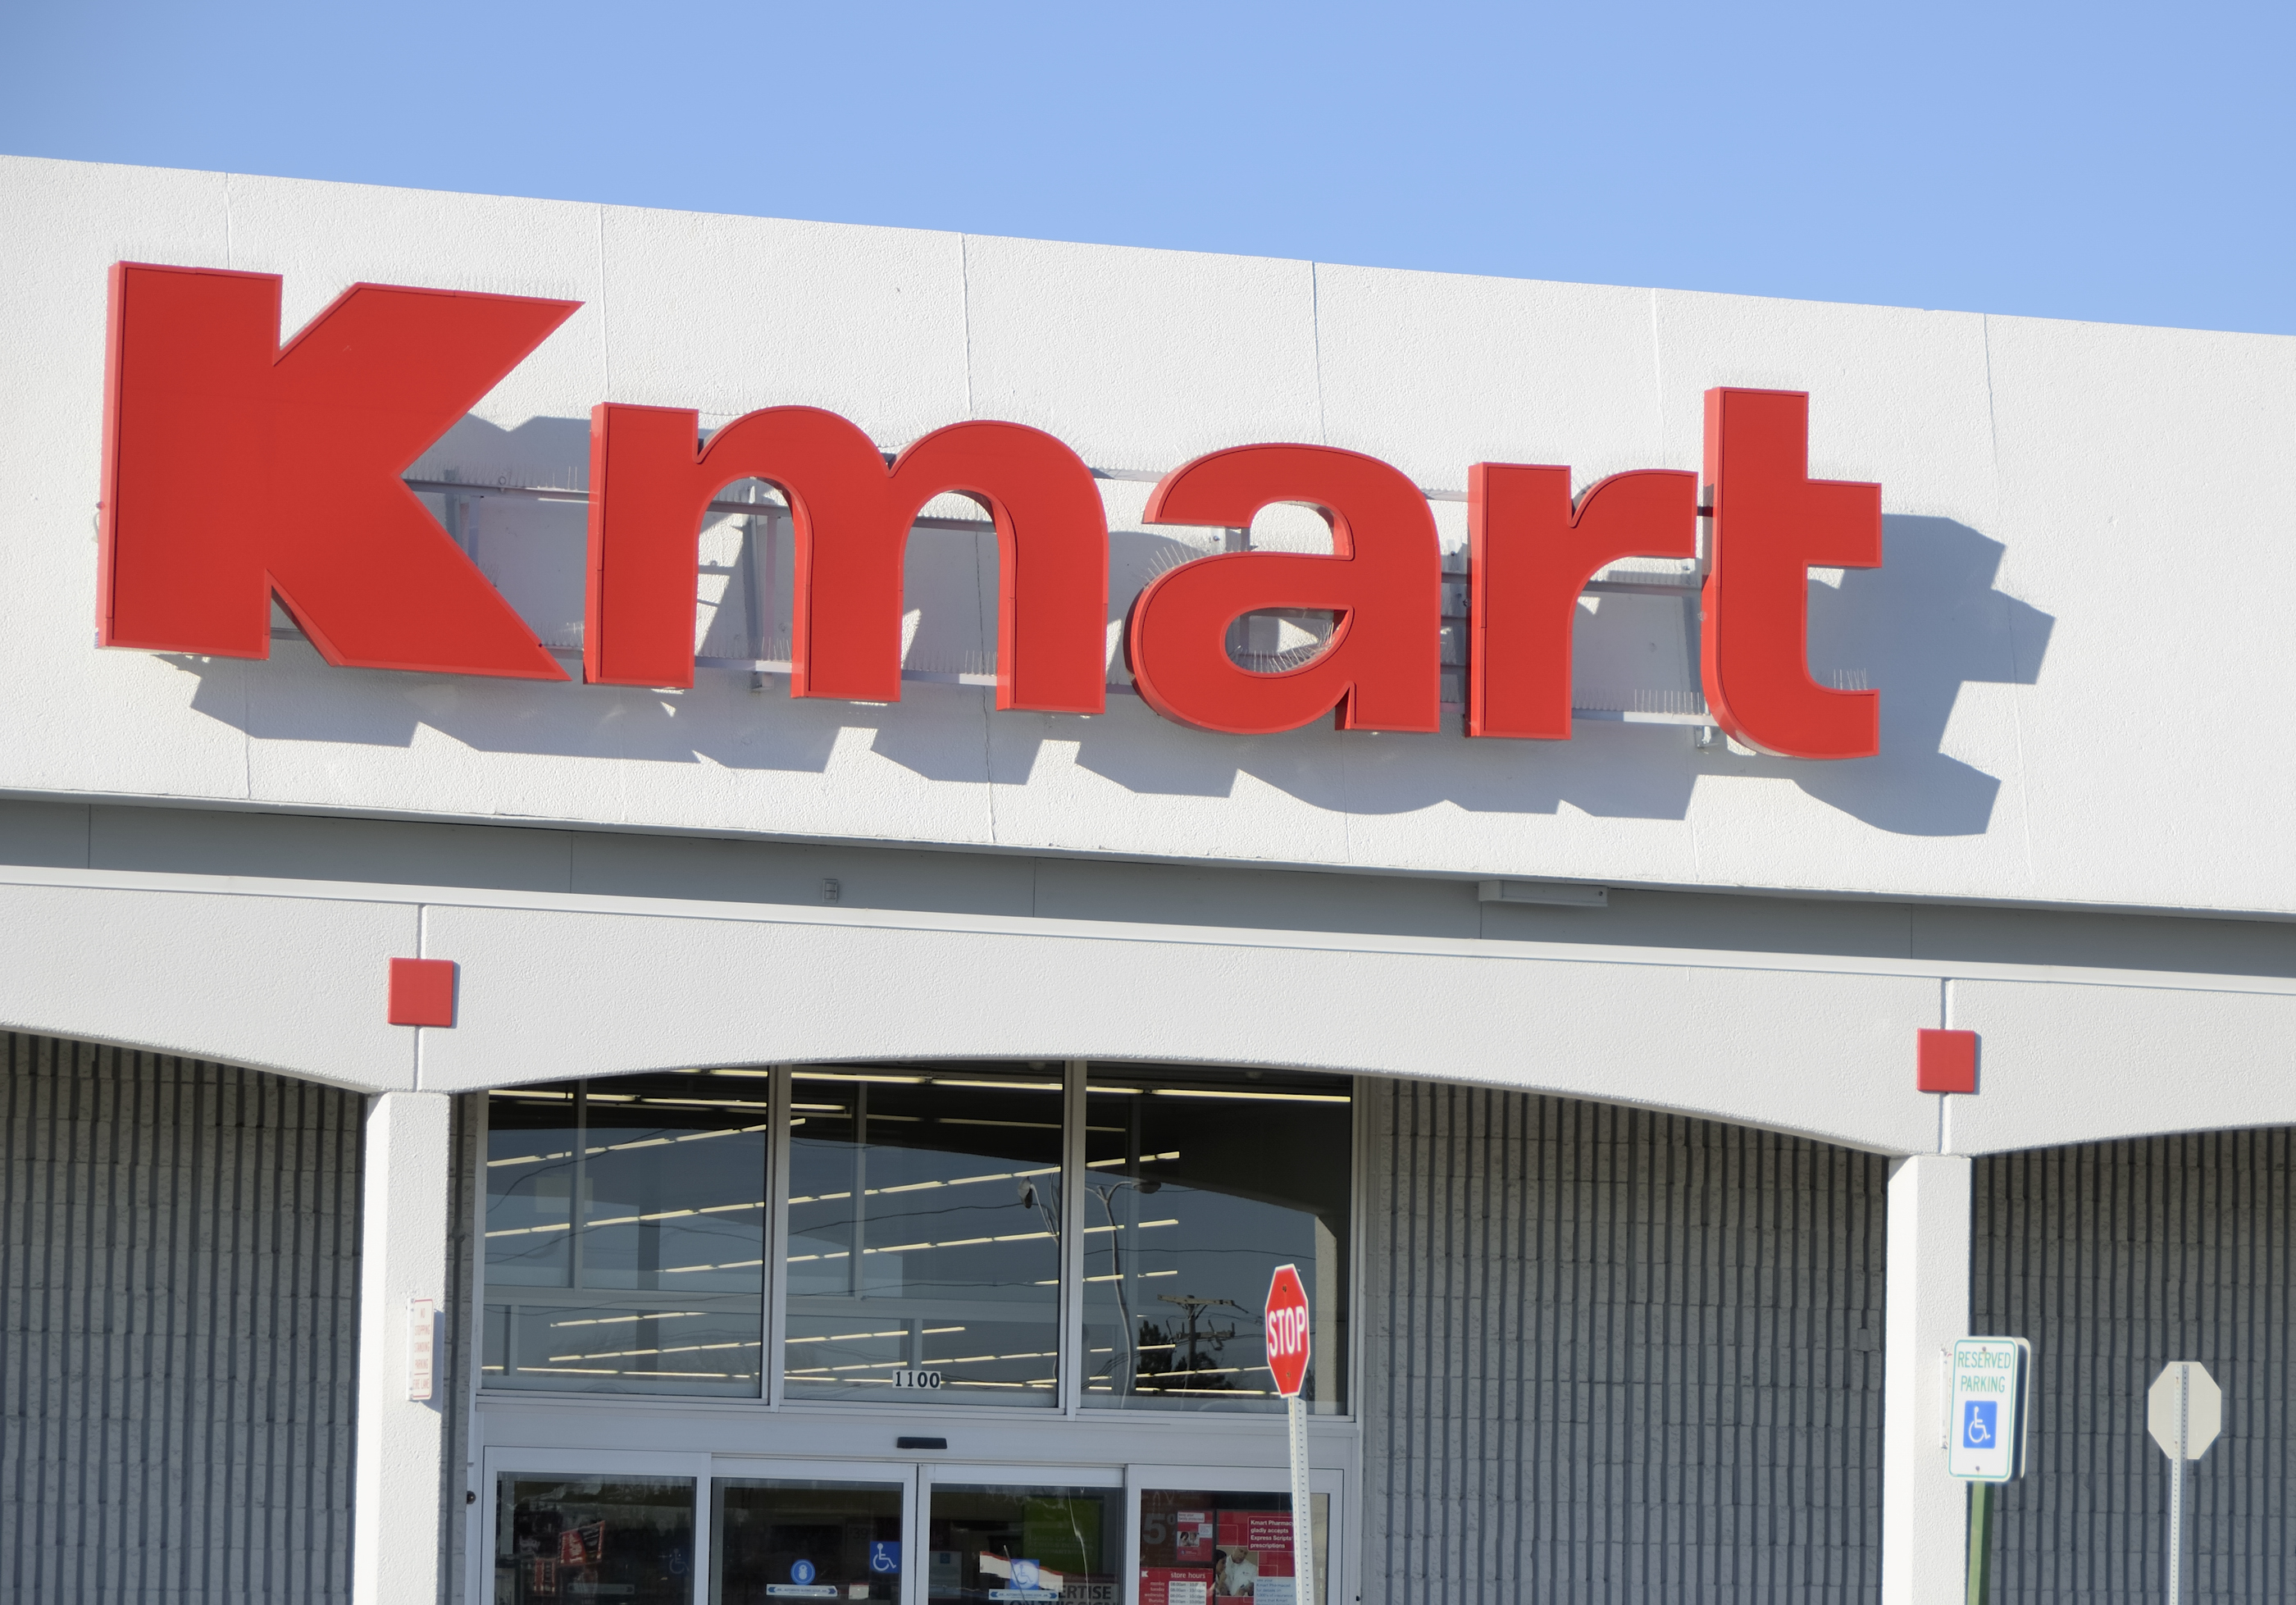 Kmart, sears, tiendas, cerrar